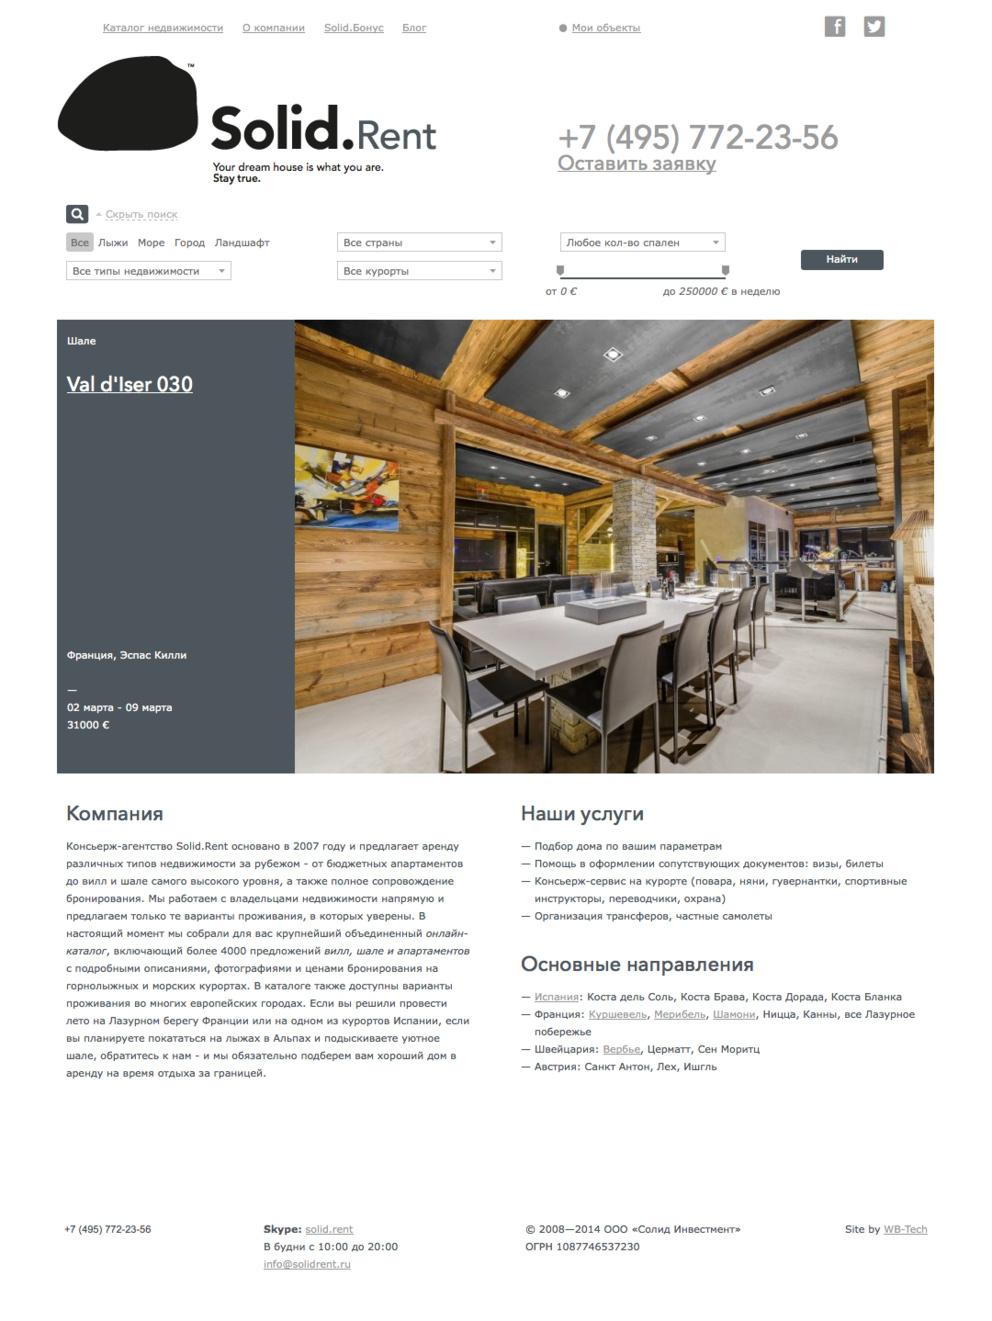 Сервис по аренде недвижимости / Проект компании WB—Tech